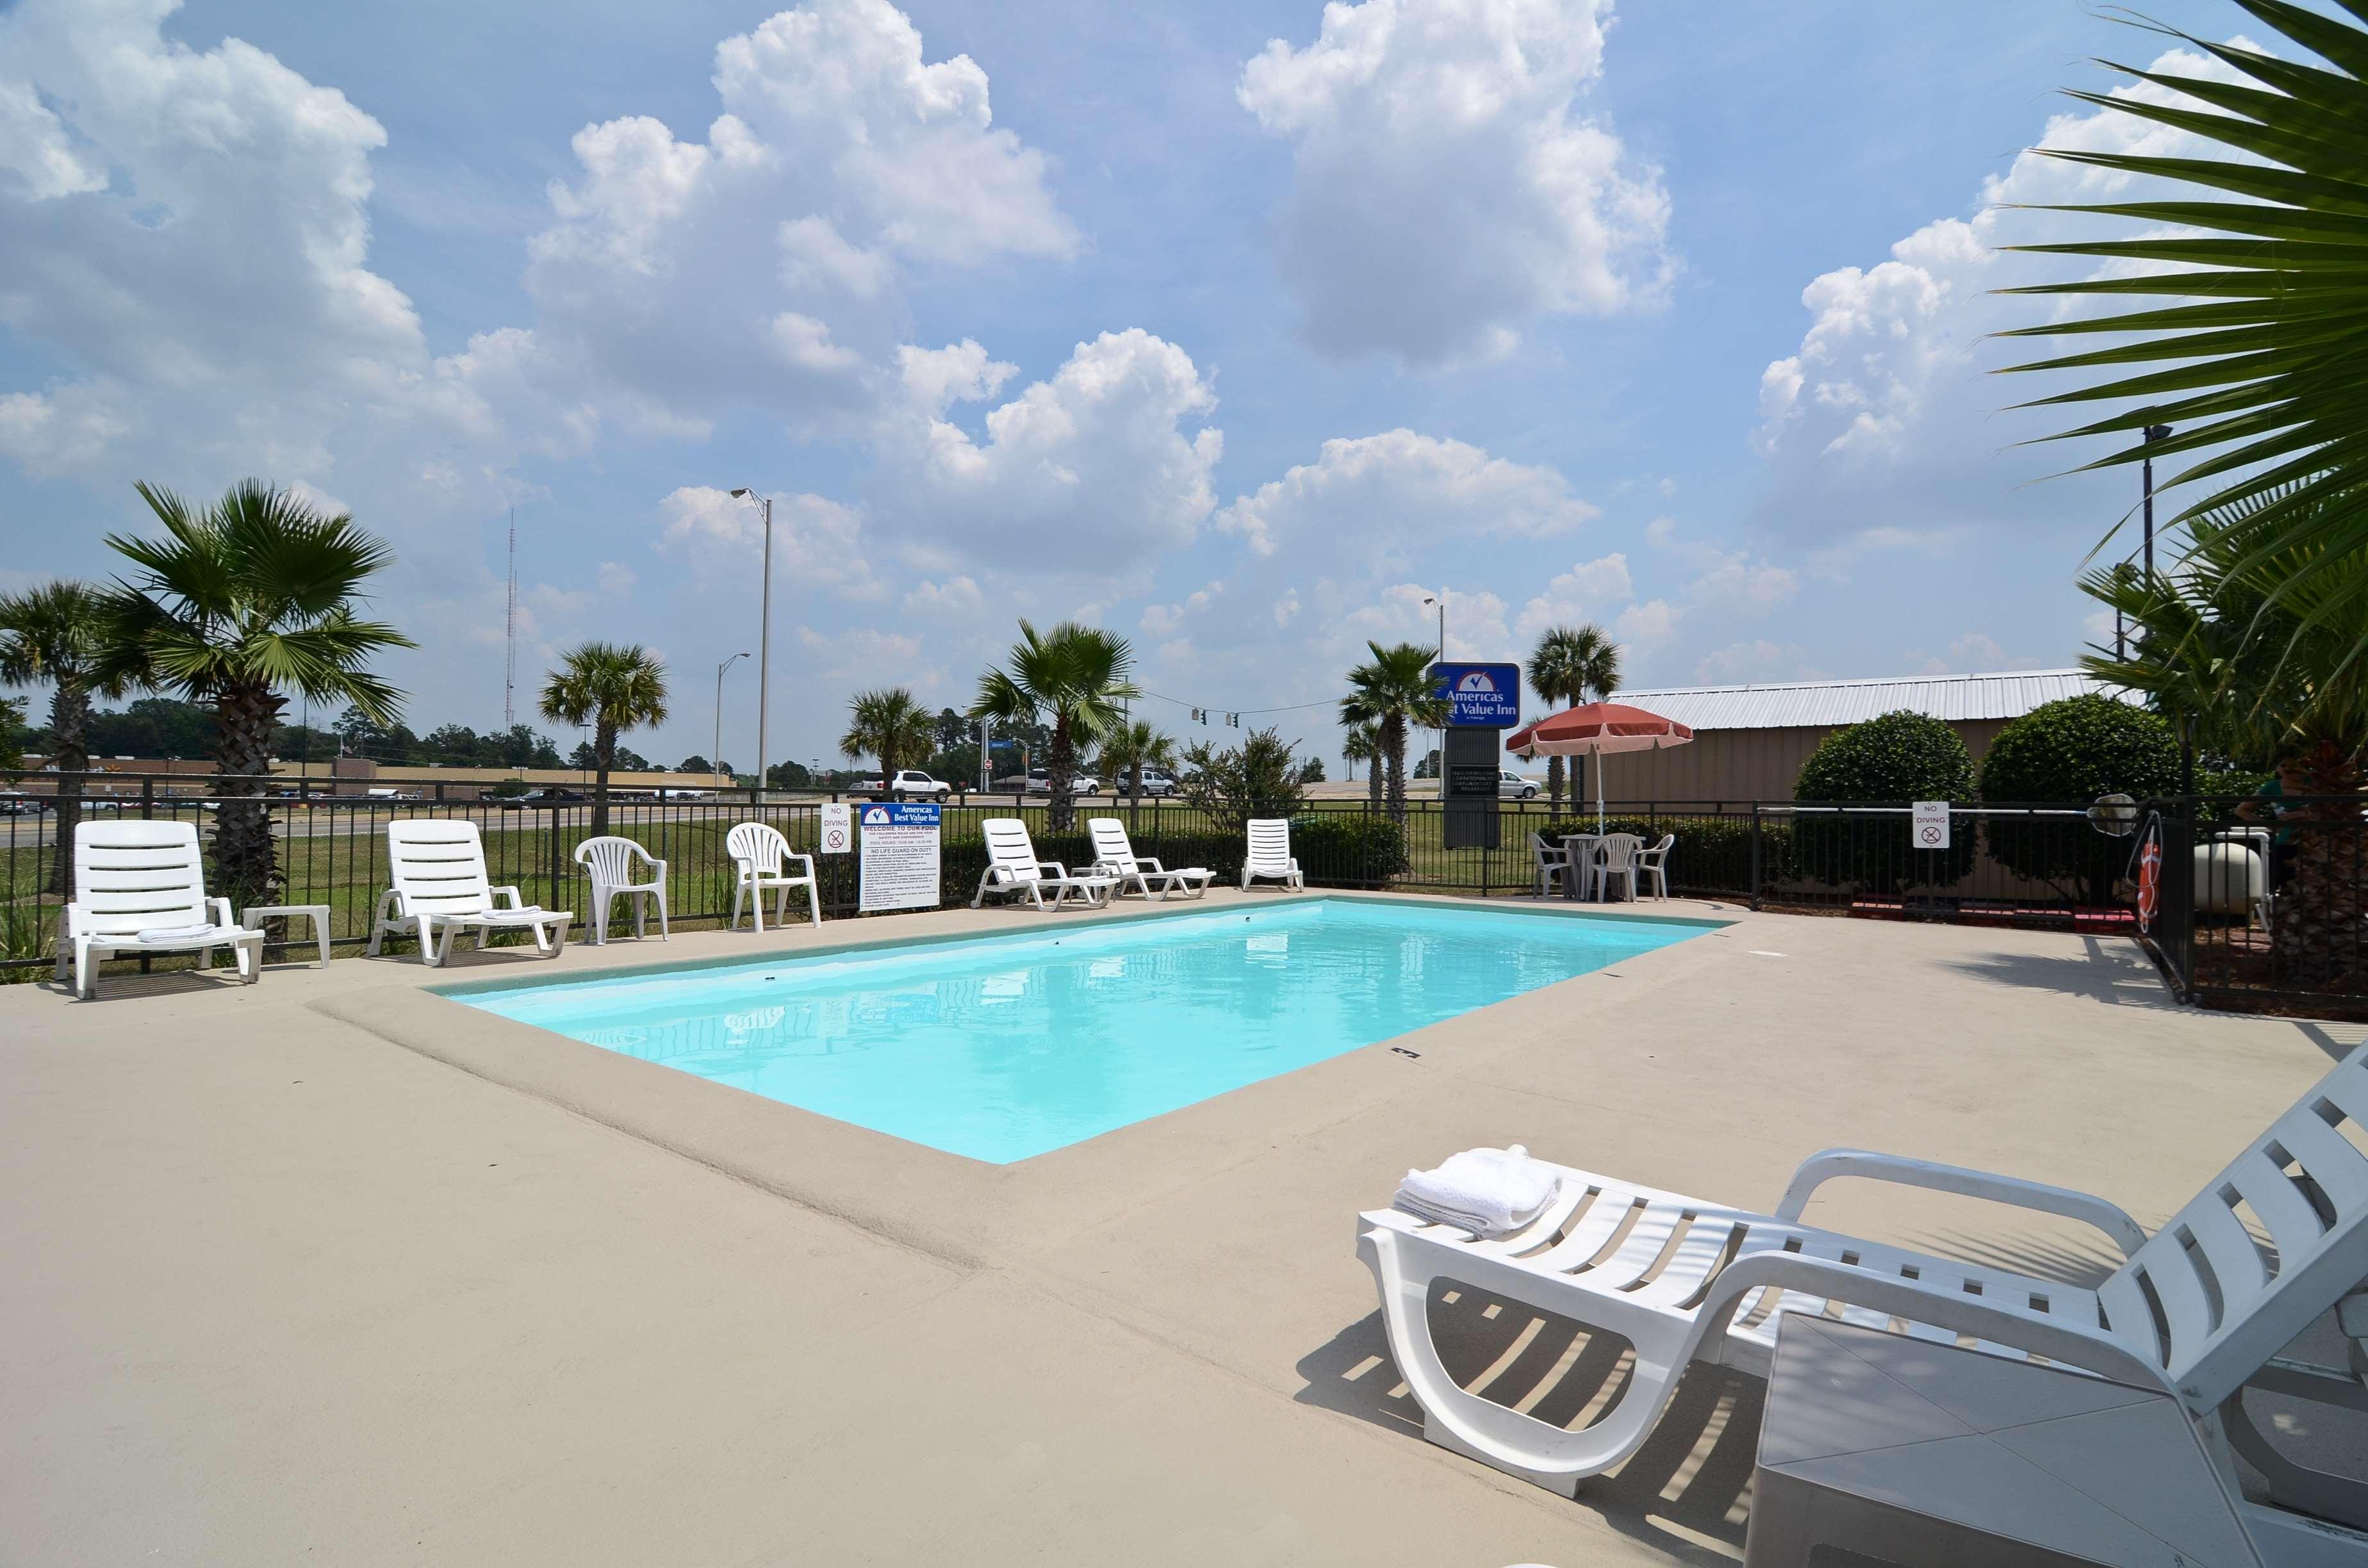 Americas Best Value Inn - West Monroe  West Monroe Louisiana  La